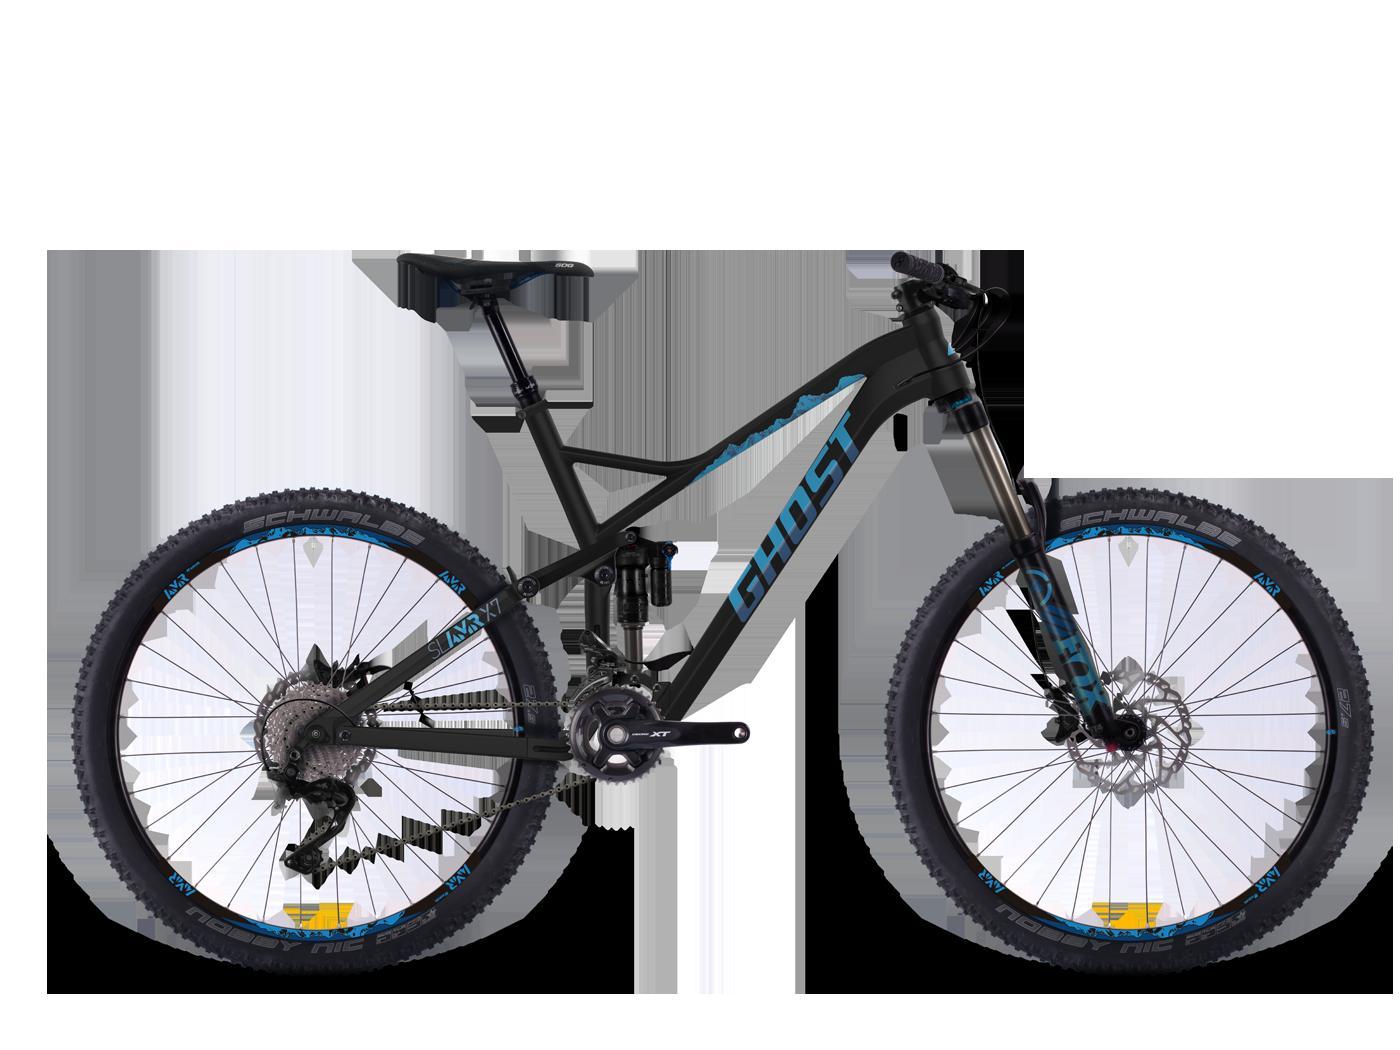 ghost sl amr x 7 black blue darkblue 2016 27 5 bike. Black Bedroom Furniture Sets. Home Design Ideas